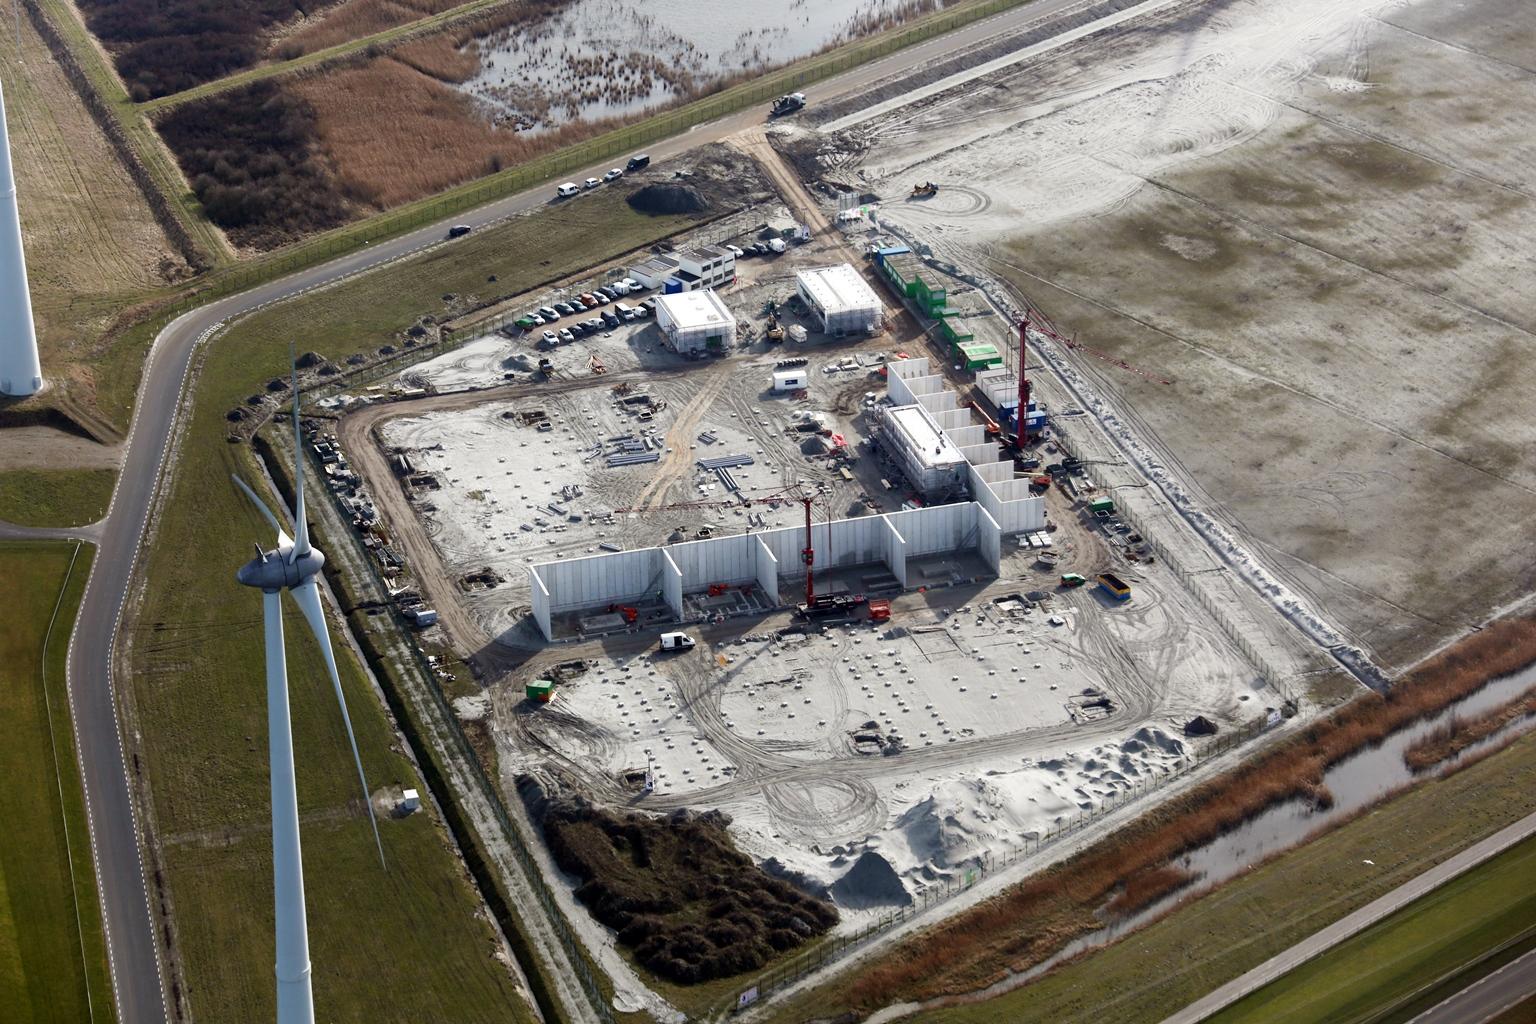 De bouw van het transformatorstation is in volle gang